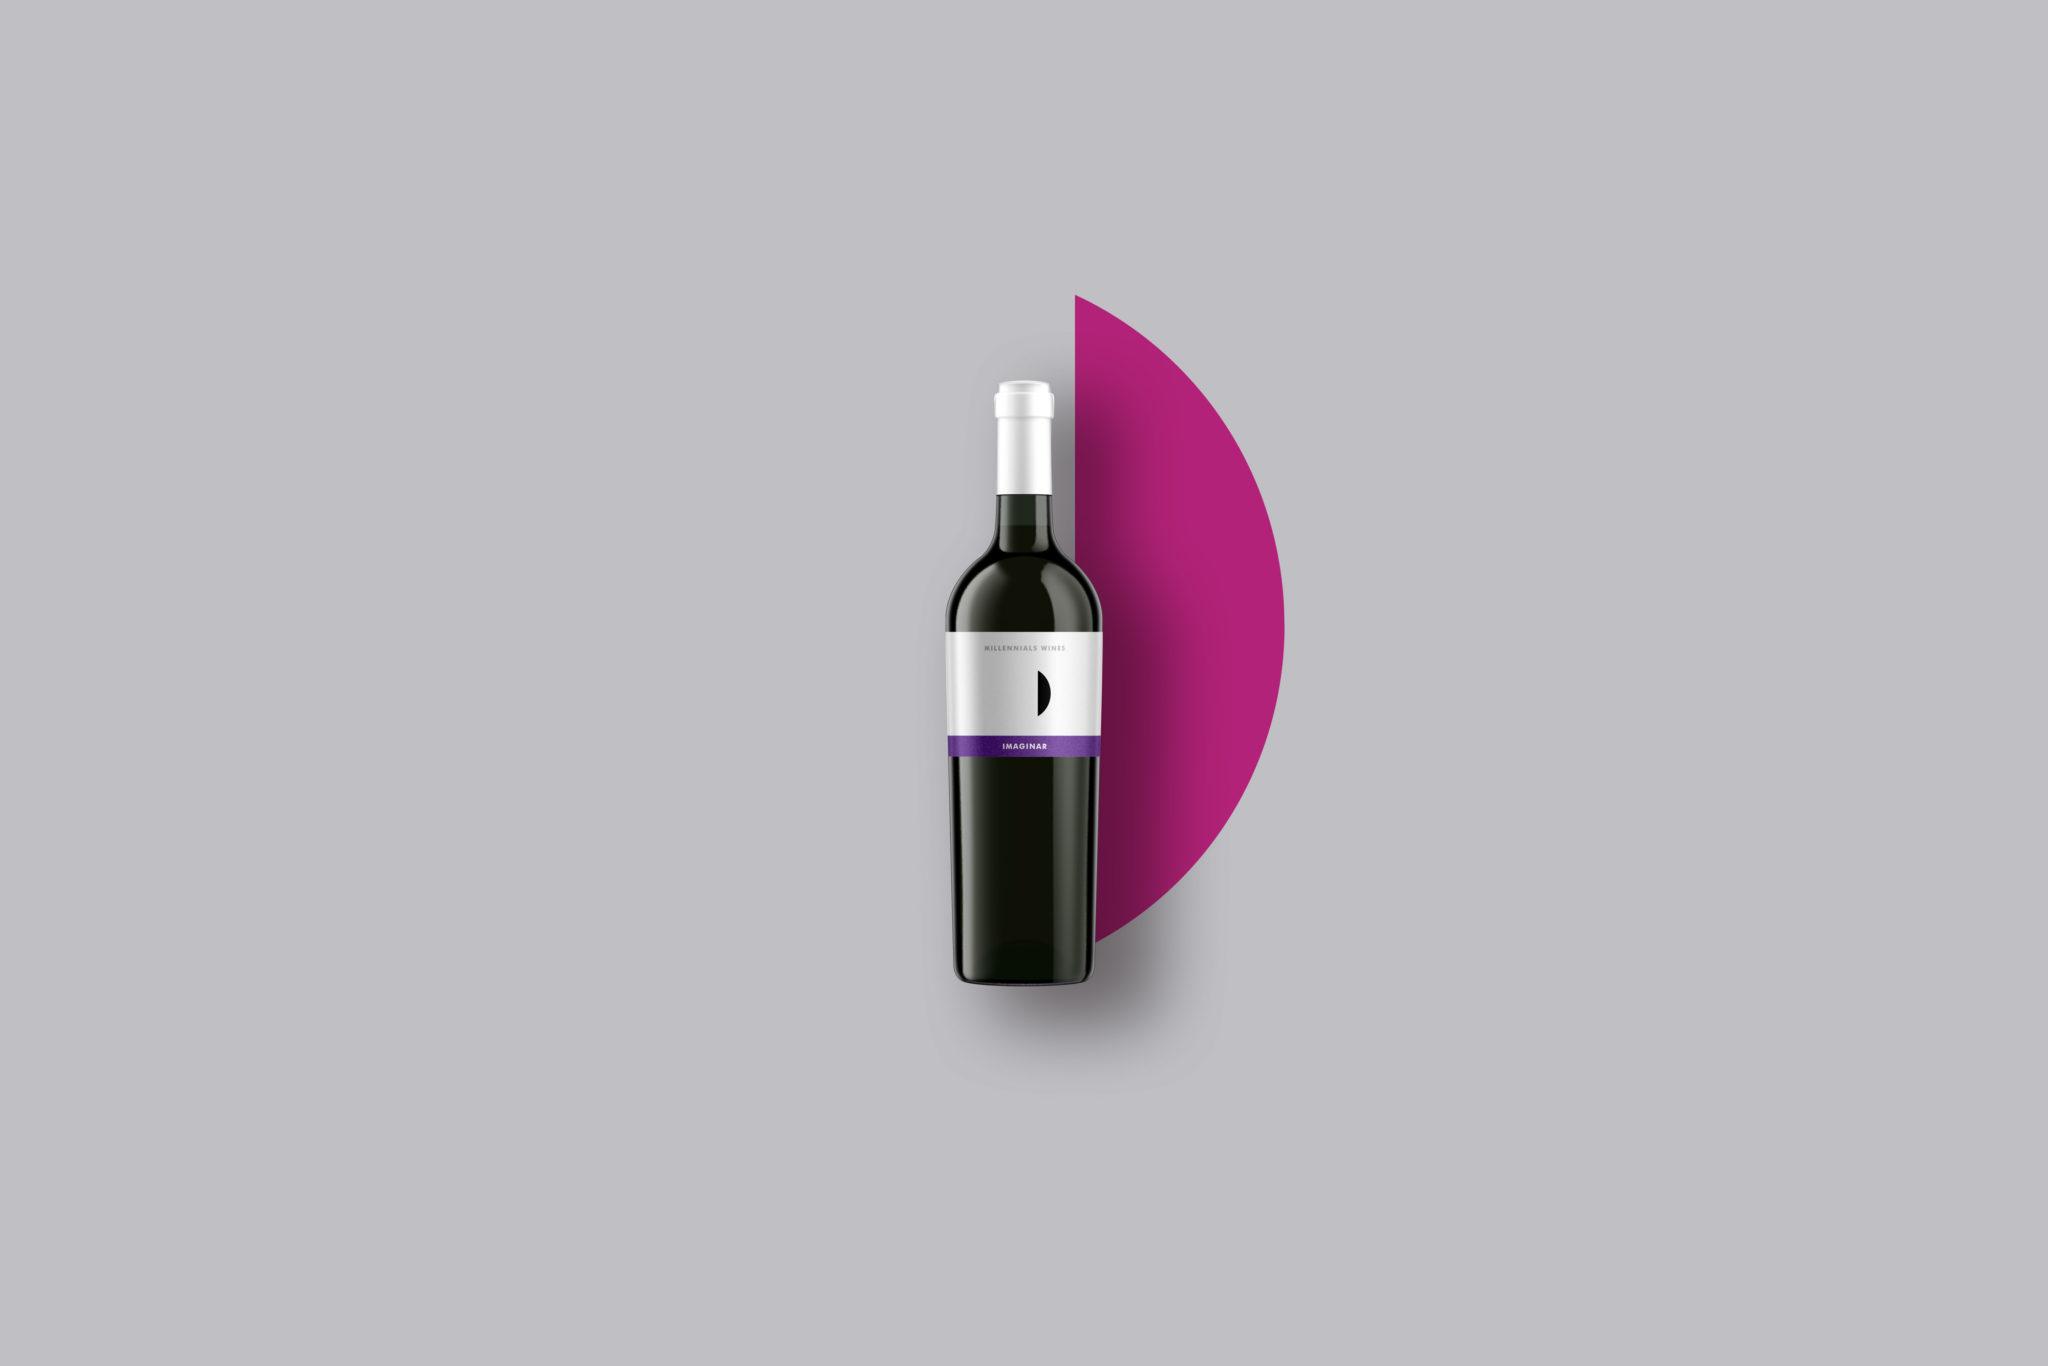 Descubre Tinto Corazón, el vino para los Millenials